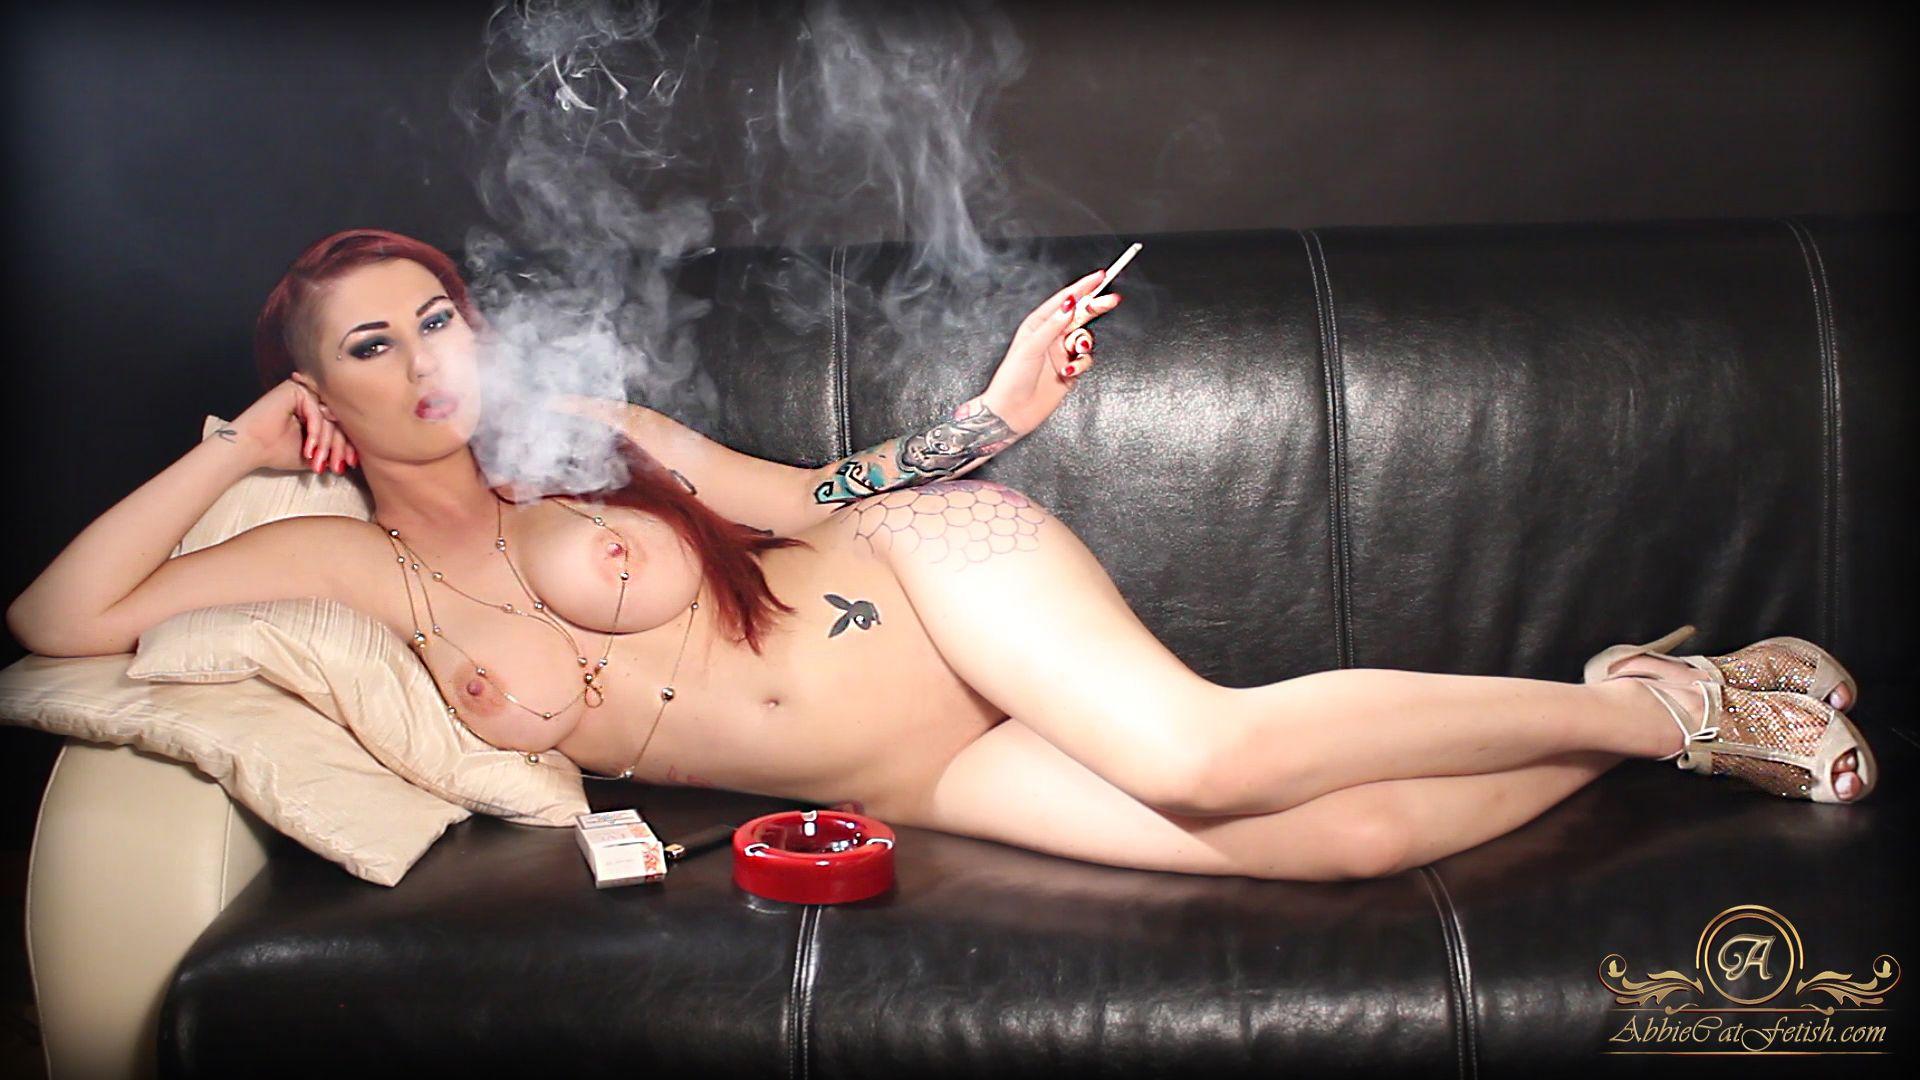 Porn actress smoking weed